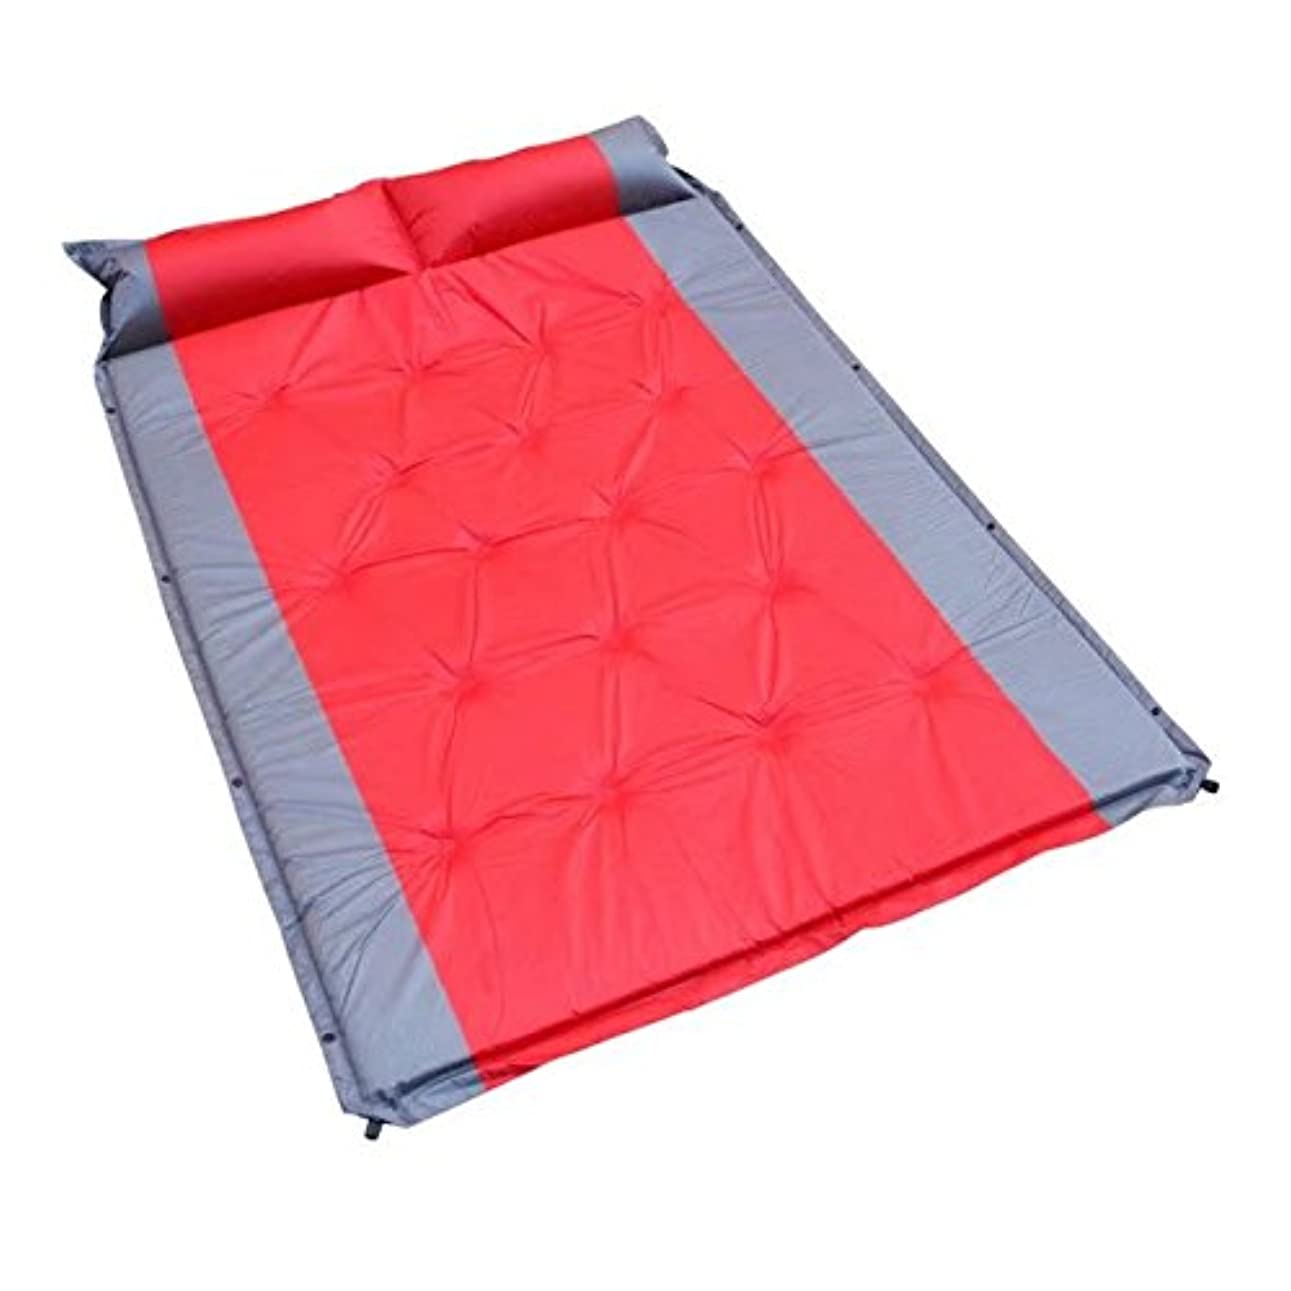 十分な不満任命するvrcocoアウトドアダブルself-inflatable Camping Sleepingインフレータブル枕旅行ハイキング用防水パッド/マットwith Air Sleeping Pad for 2 Person、75.9 X 53.2 X 1.2inches ( 1個,レッド)